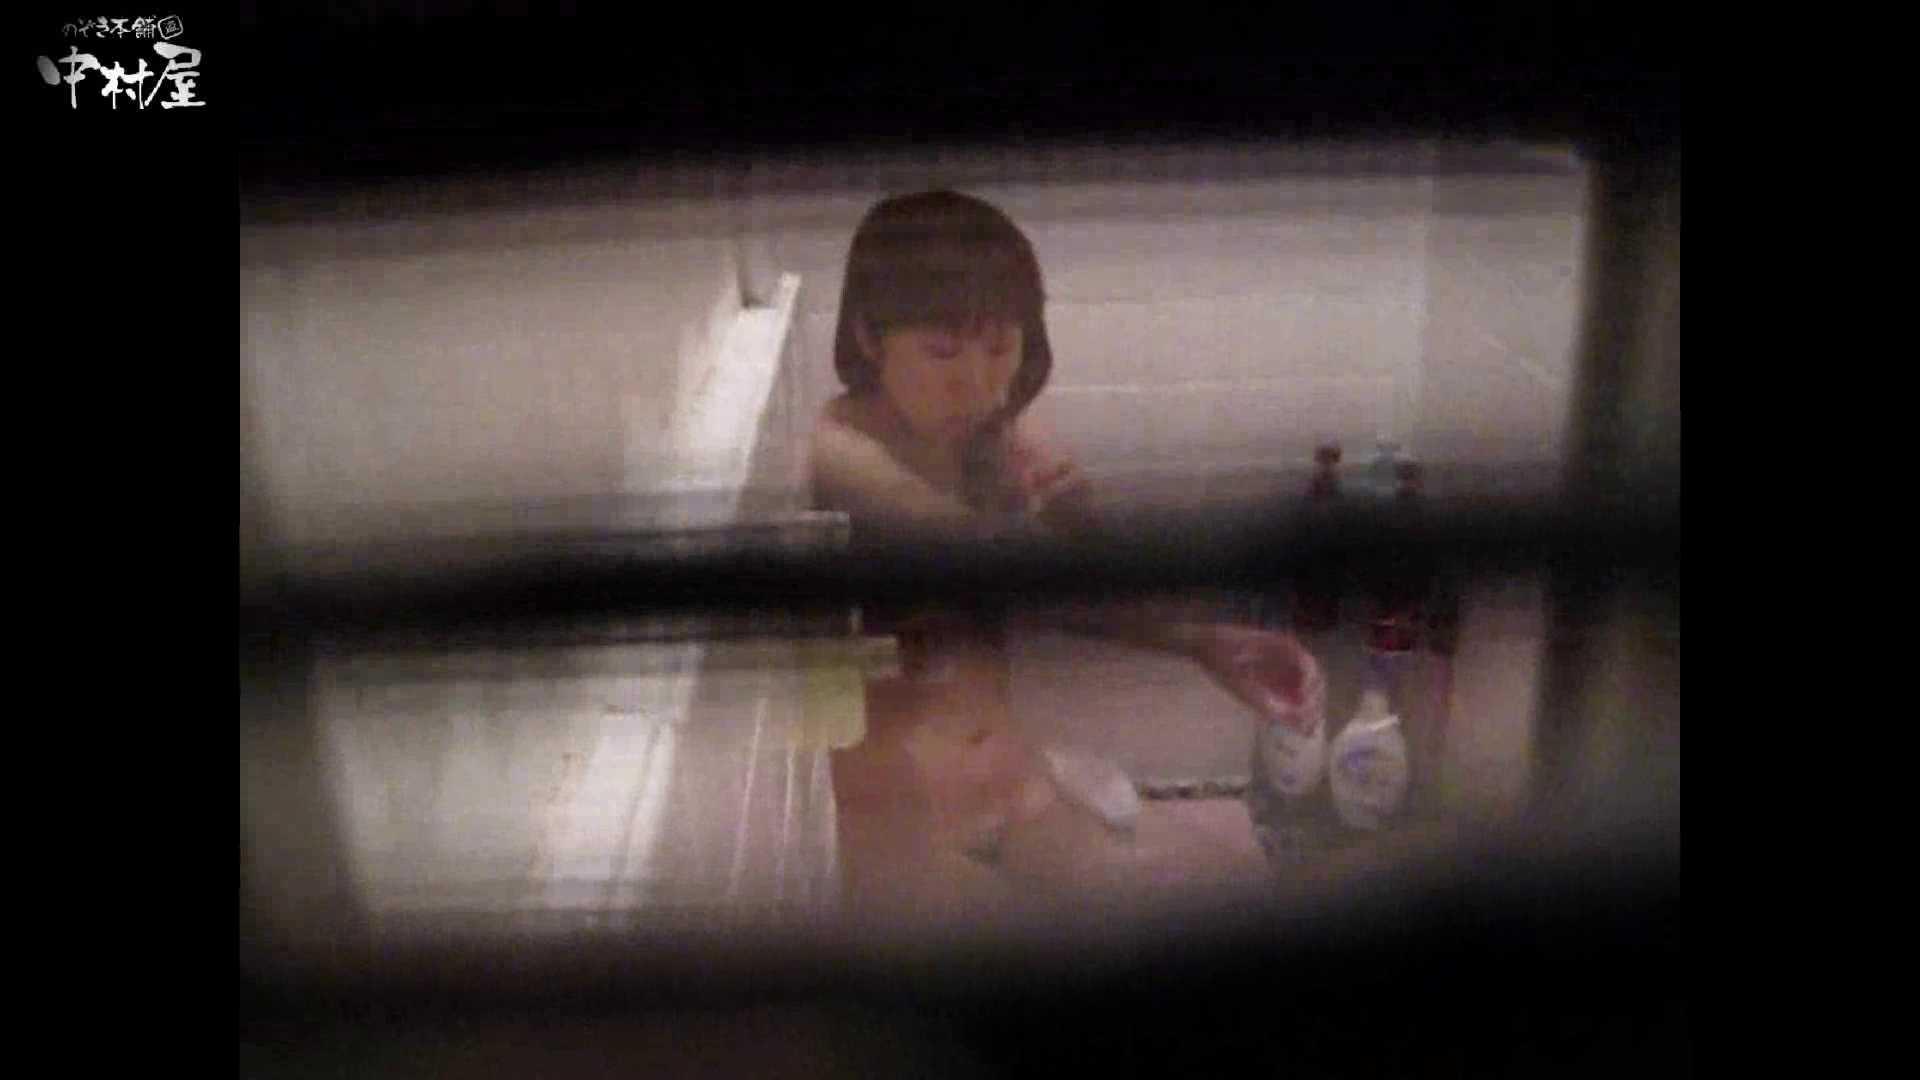 民家風呂専門盗撮師の超危険映像 vol.017 OLエロ画像 覗きオメコ動画キャプチャ 93PICs 38